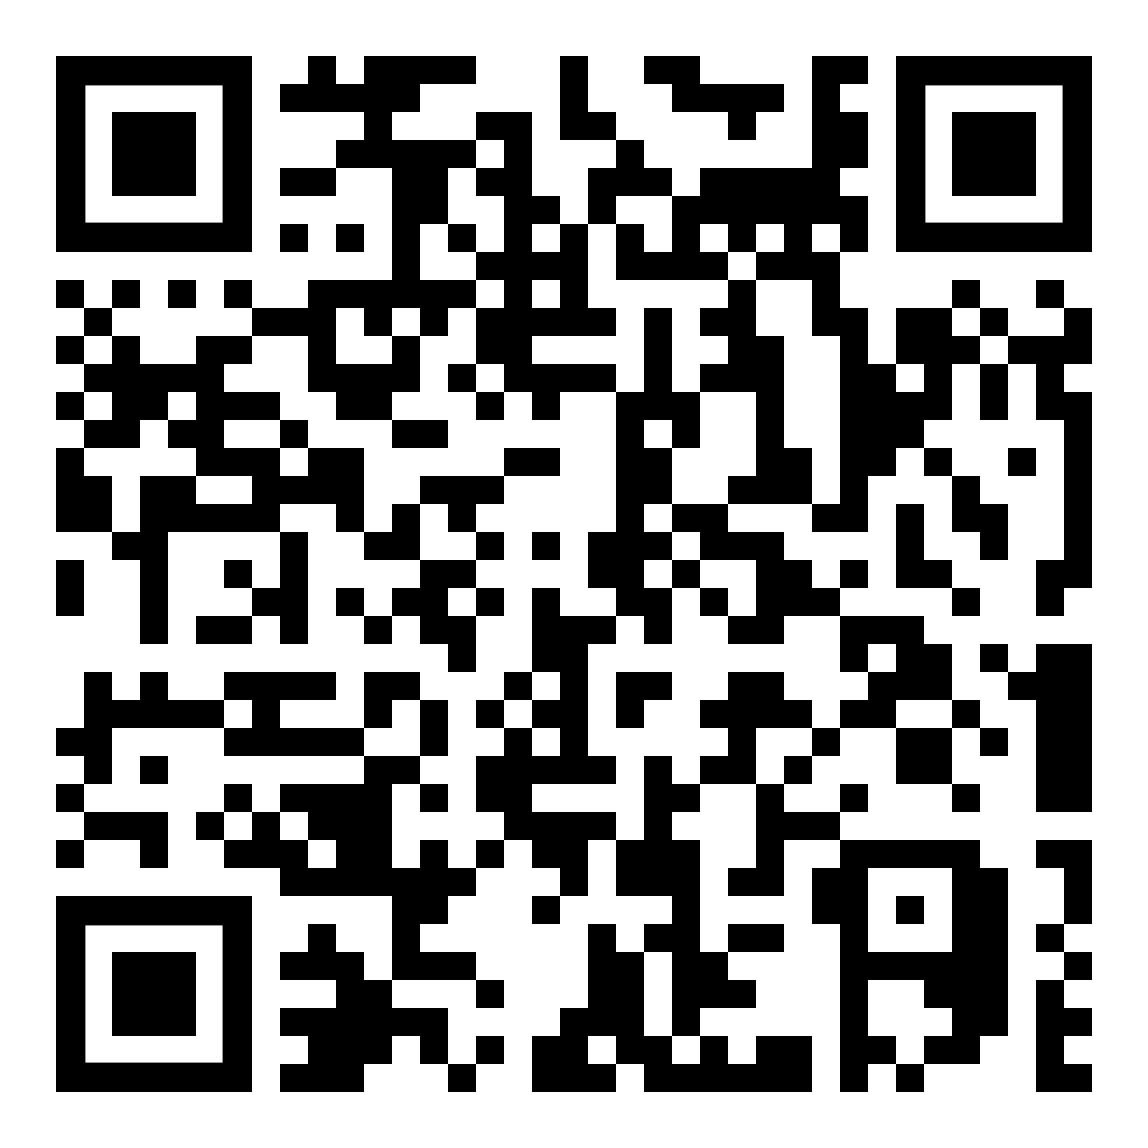 148490c2ea69b549b9d80a112f3cef5e34e50c_.png